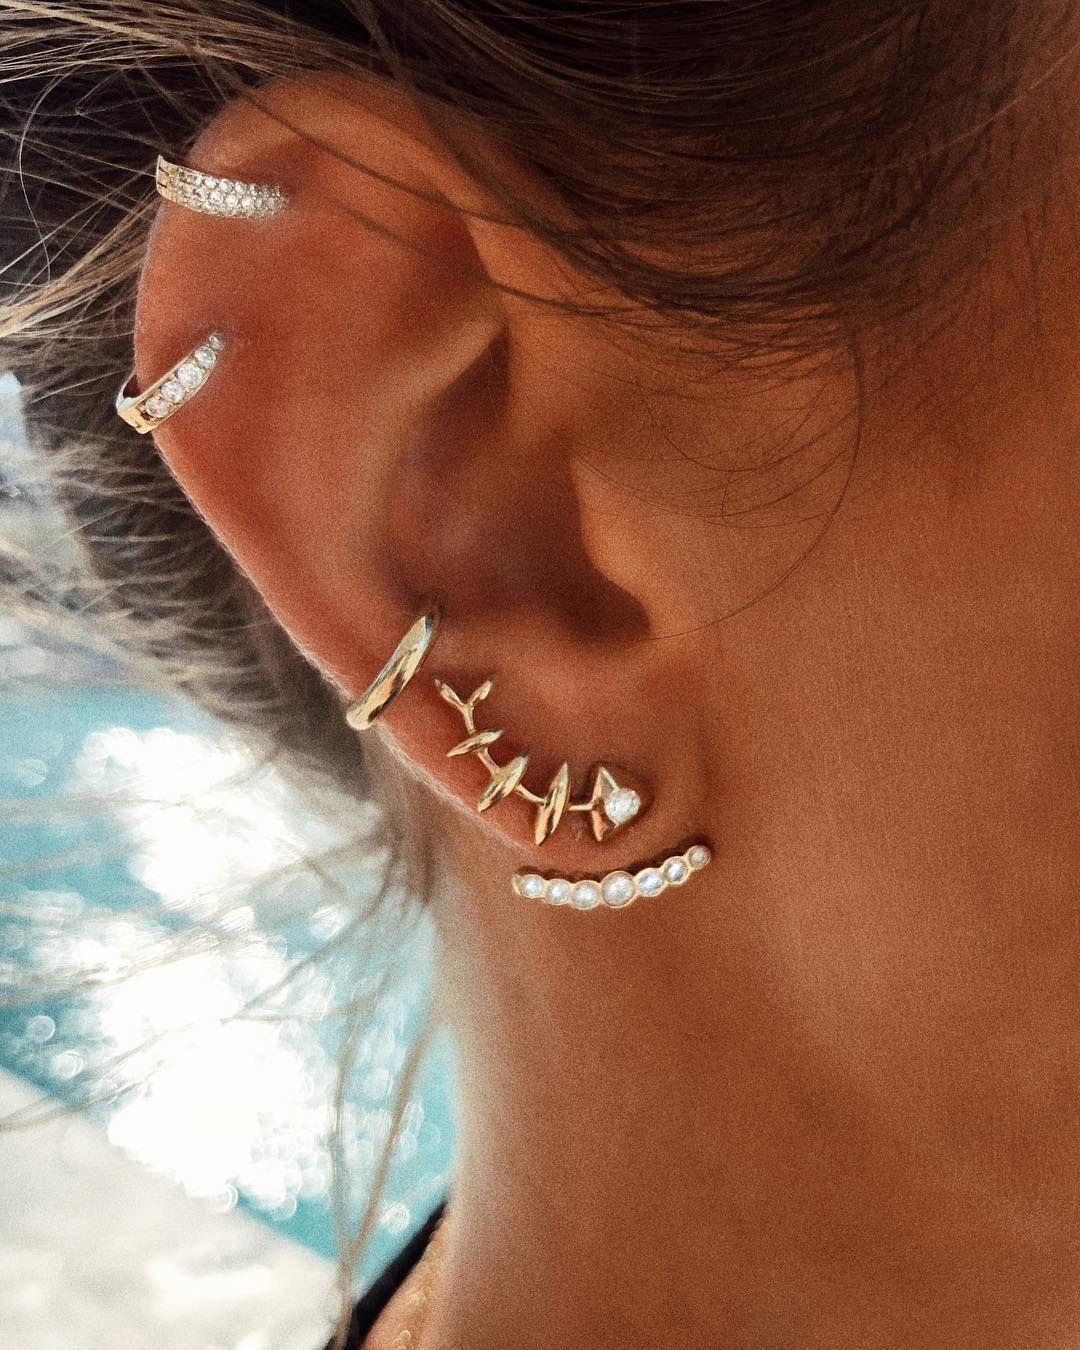 Pin by Carole Price on artist in 2019 | Earrings, Gold earrings